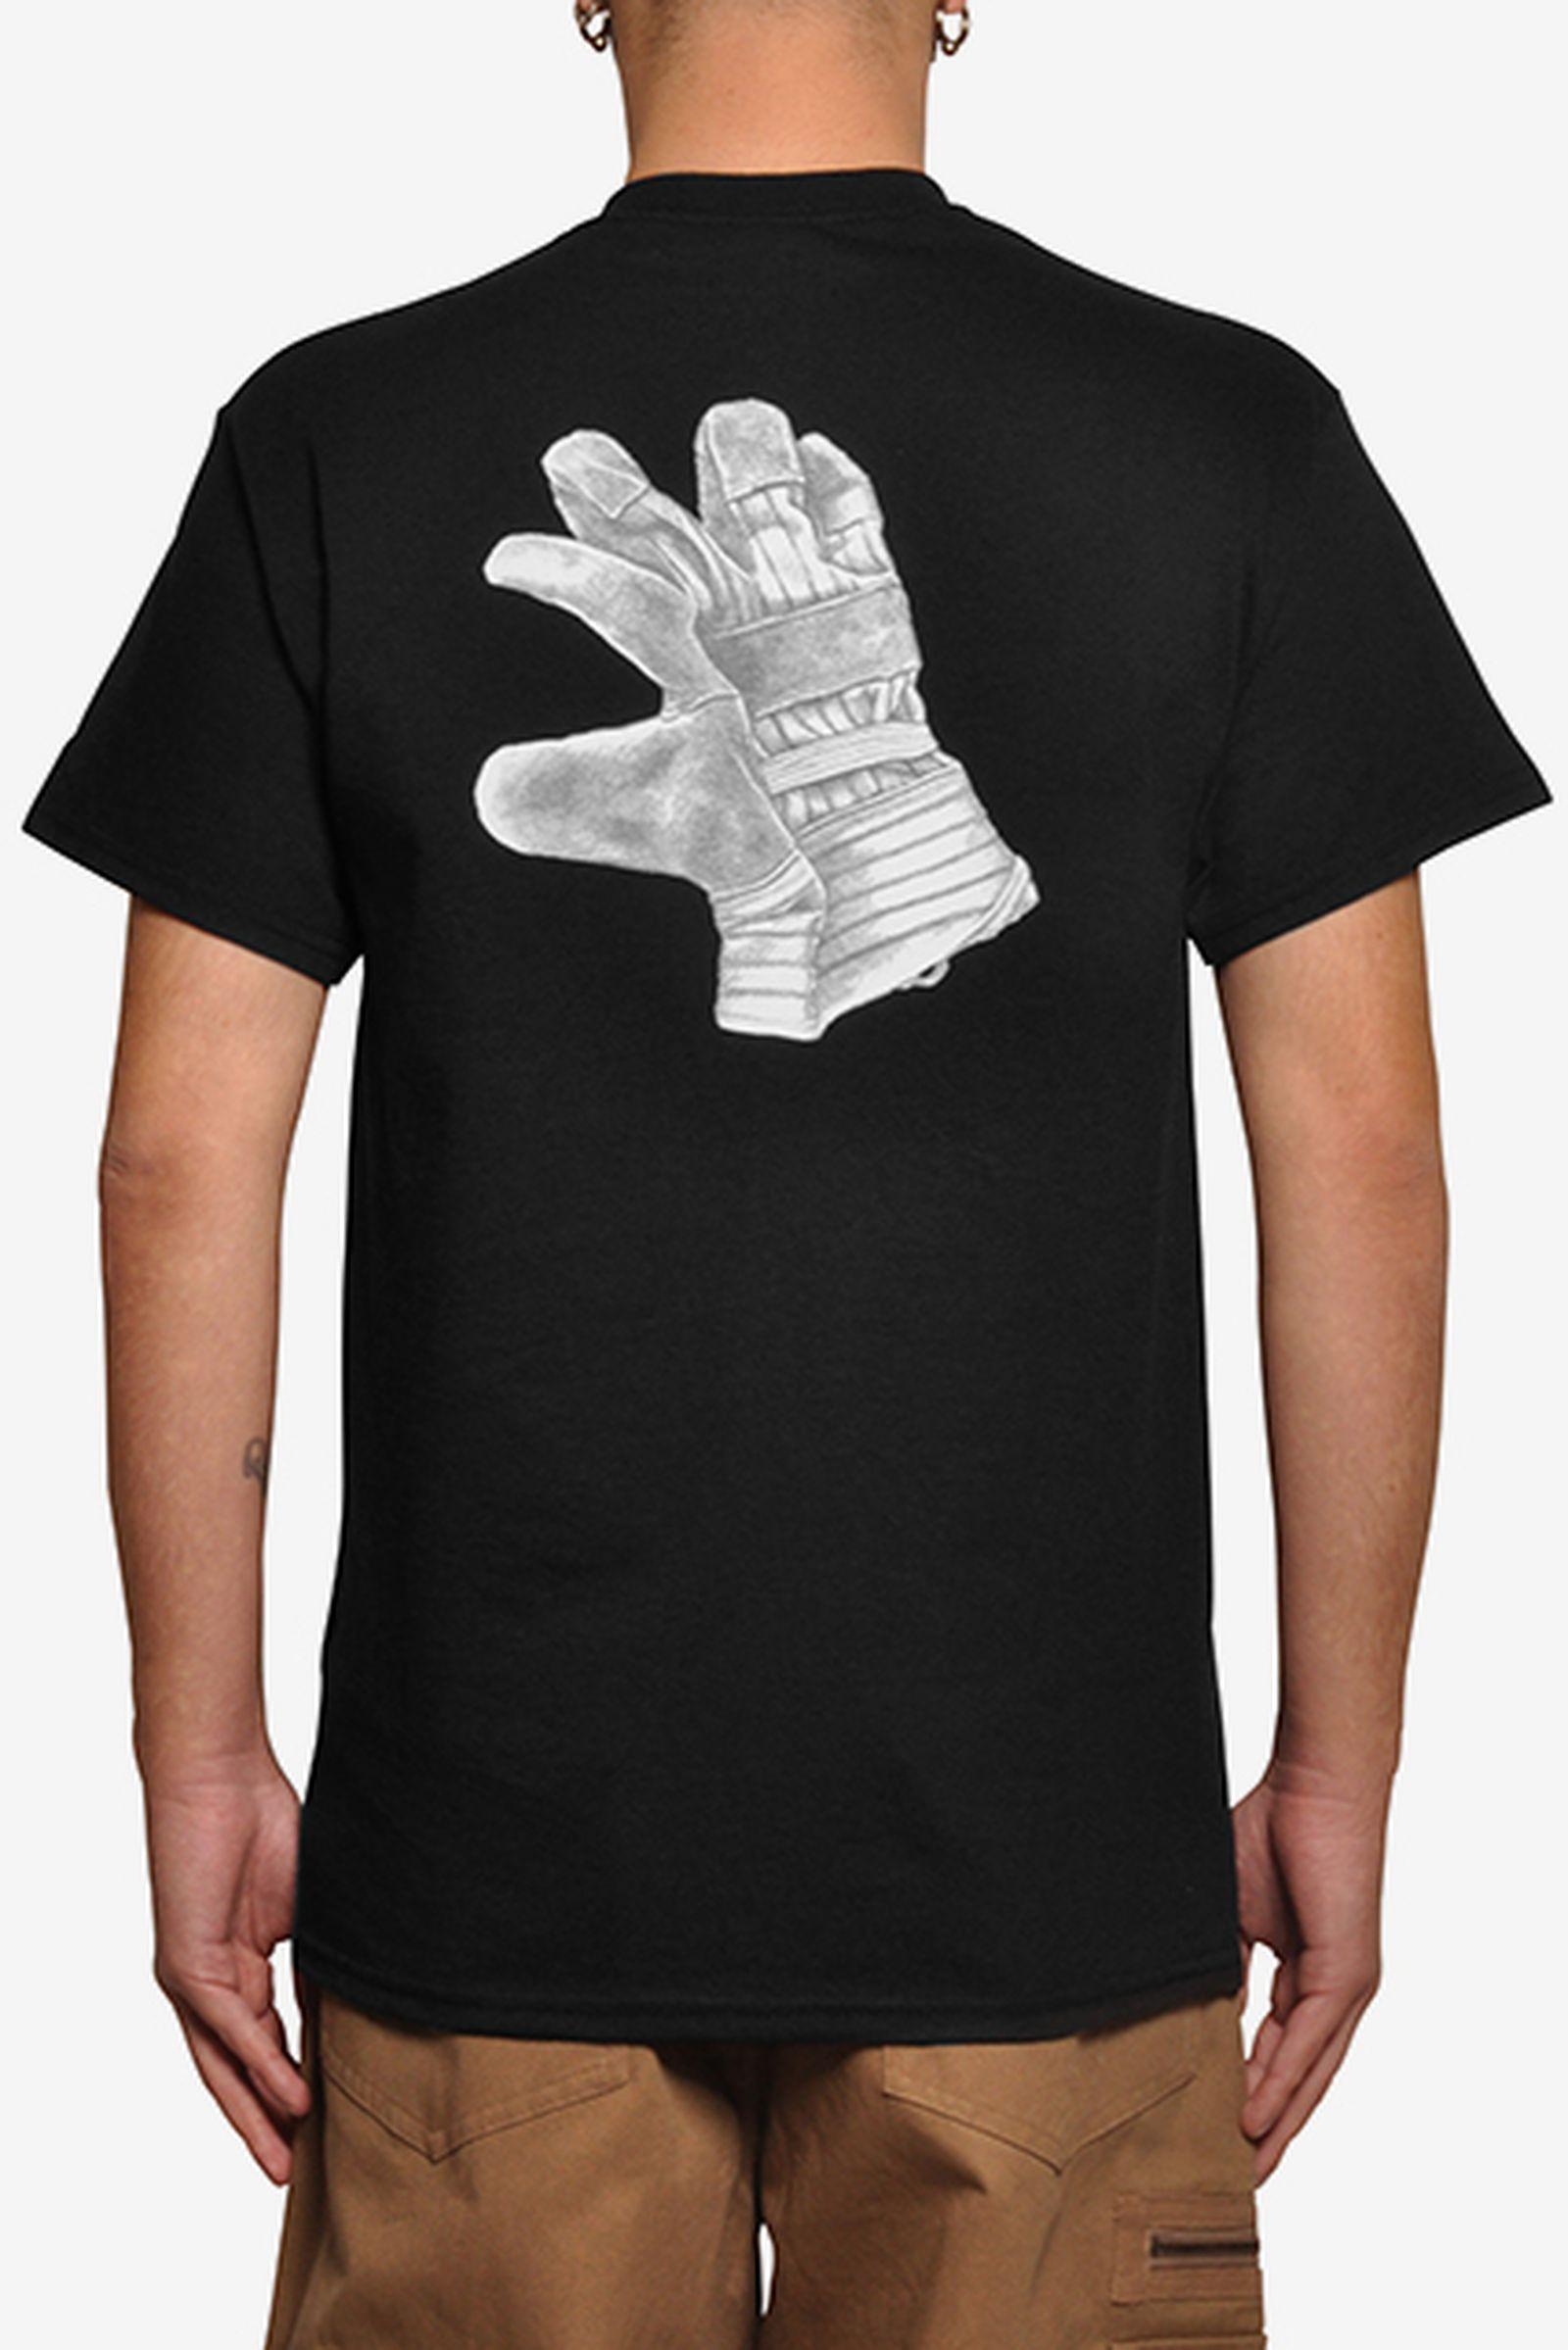 032c daves ny t shirts Dave's NY